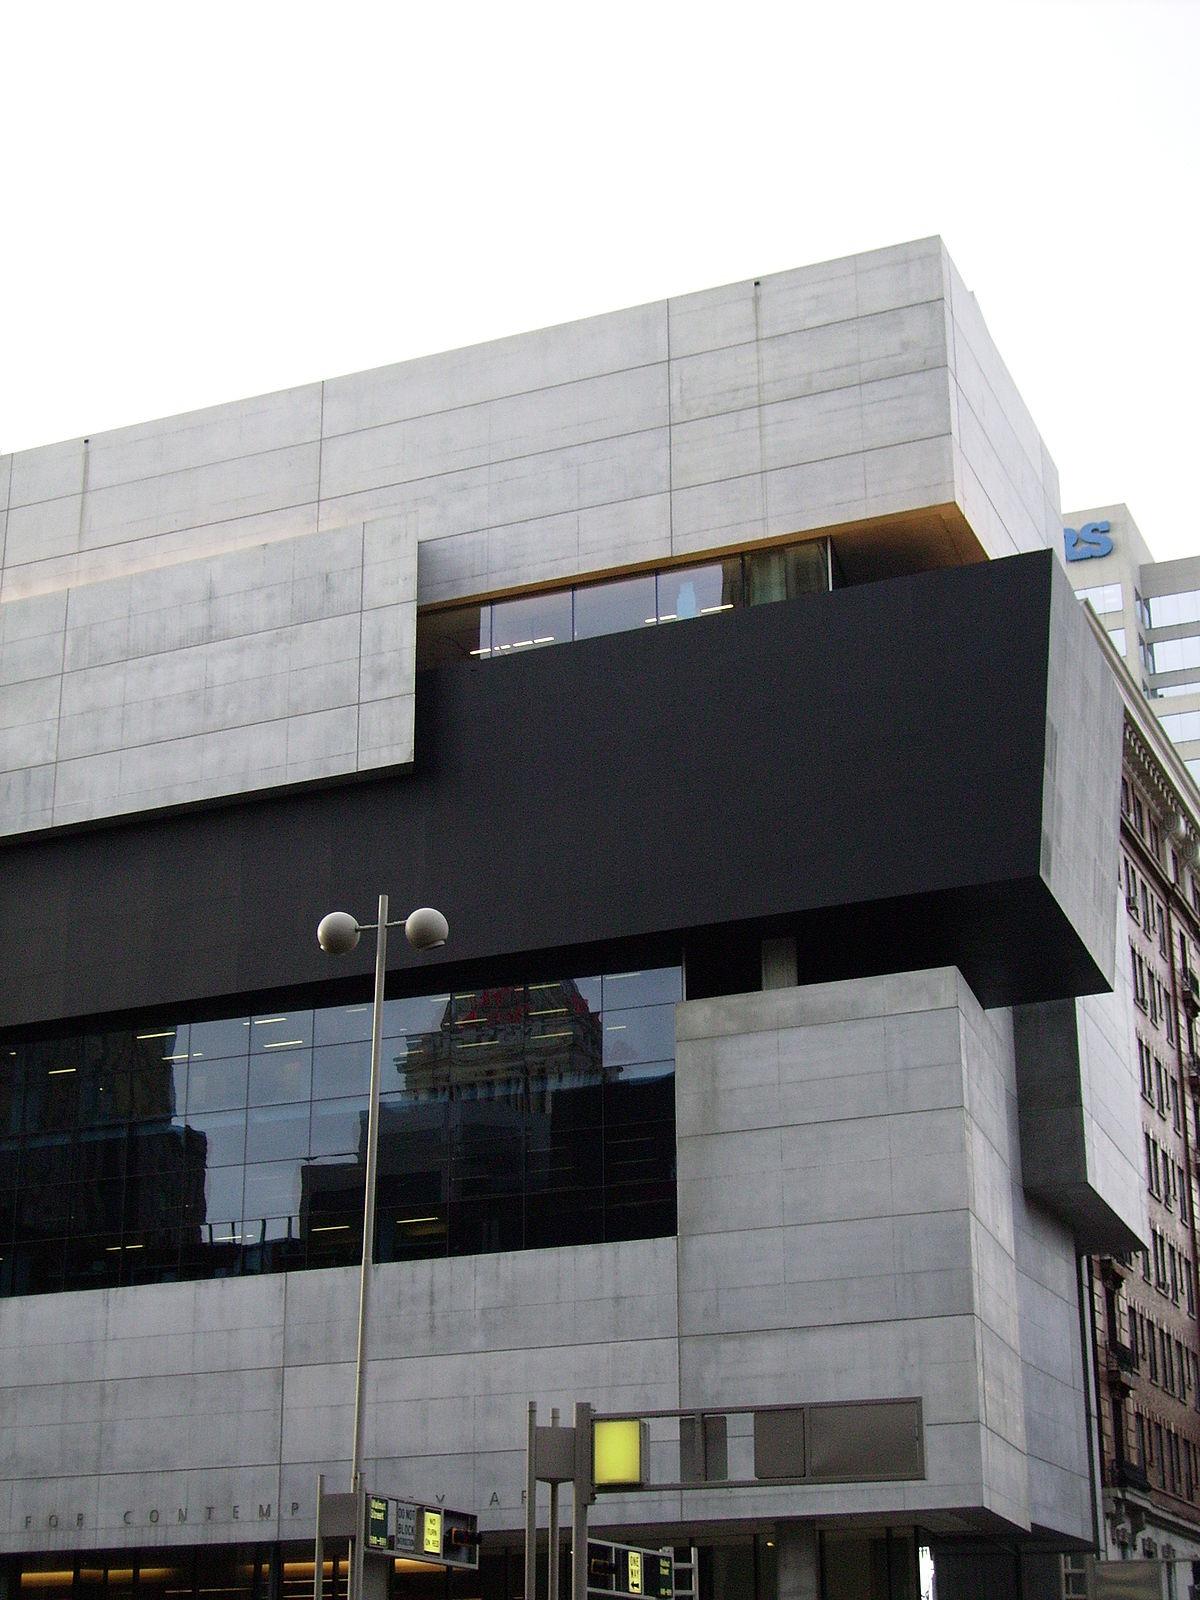 Contemporary Arts Center - Wikipedia